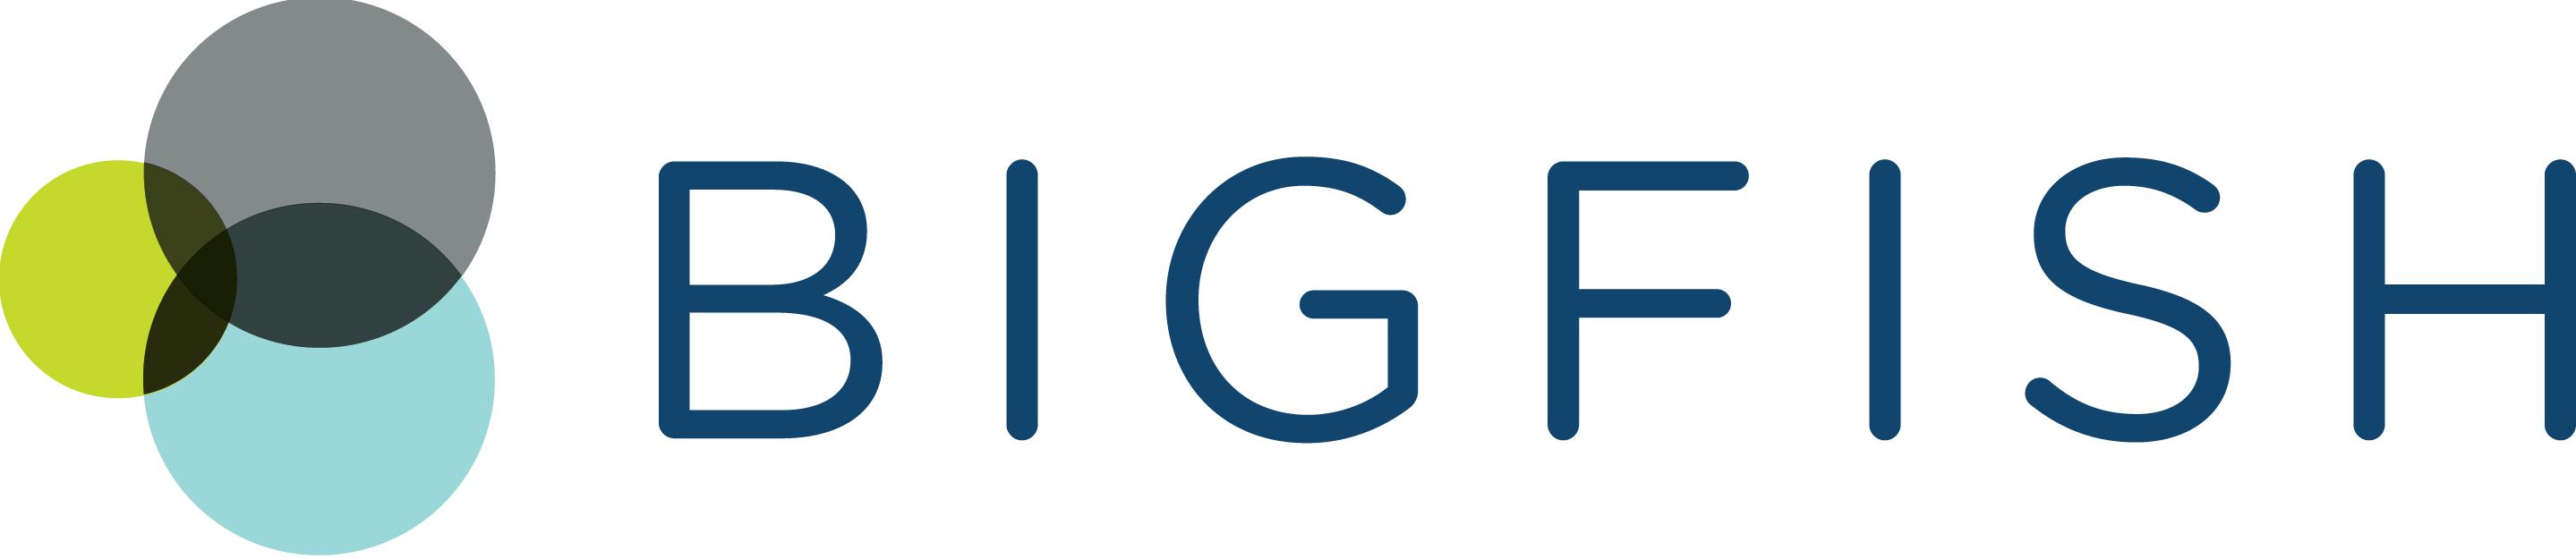 BIGfish (IntelliMetrics): business analytics